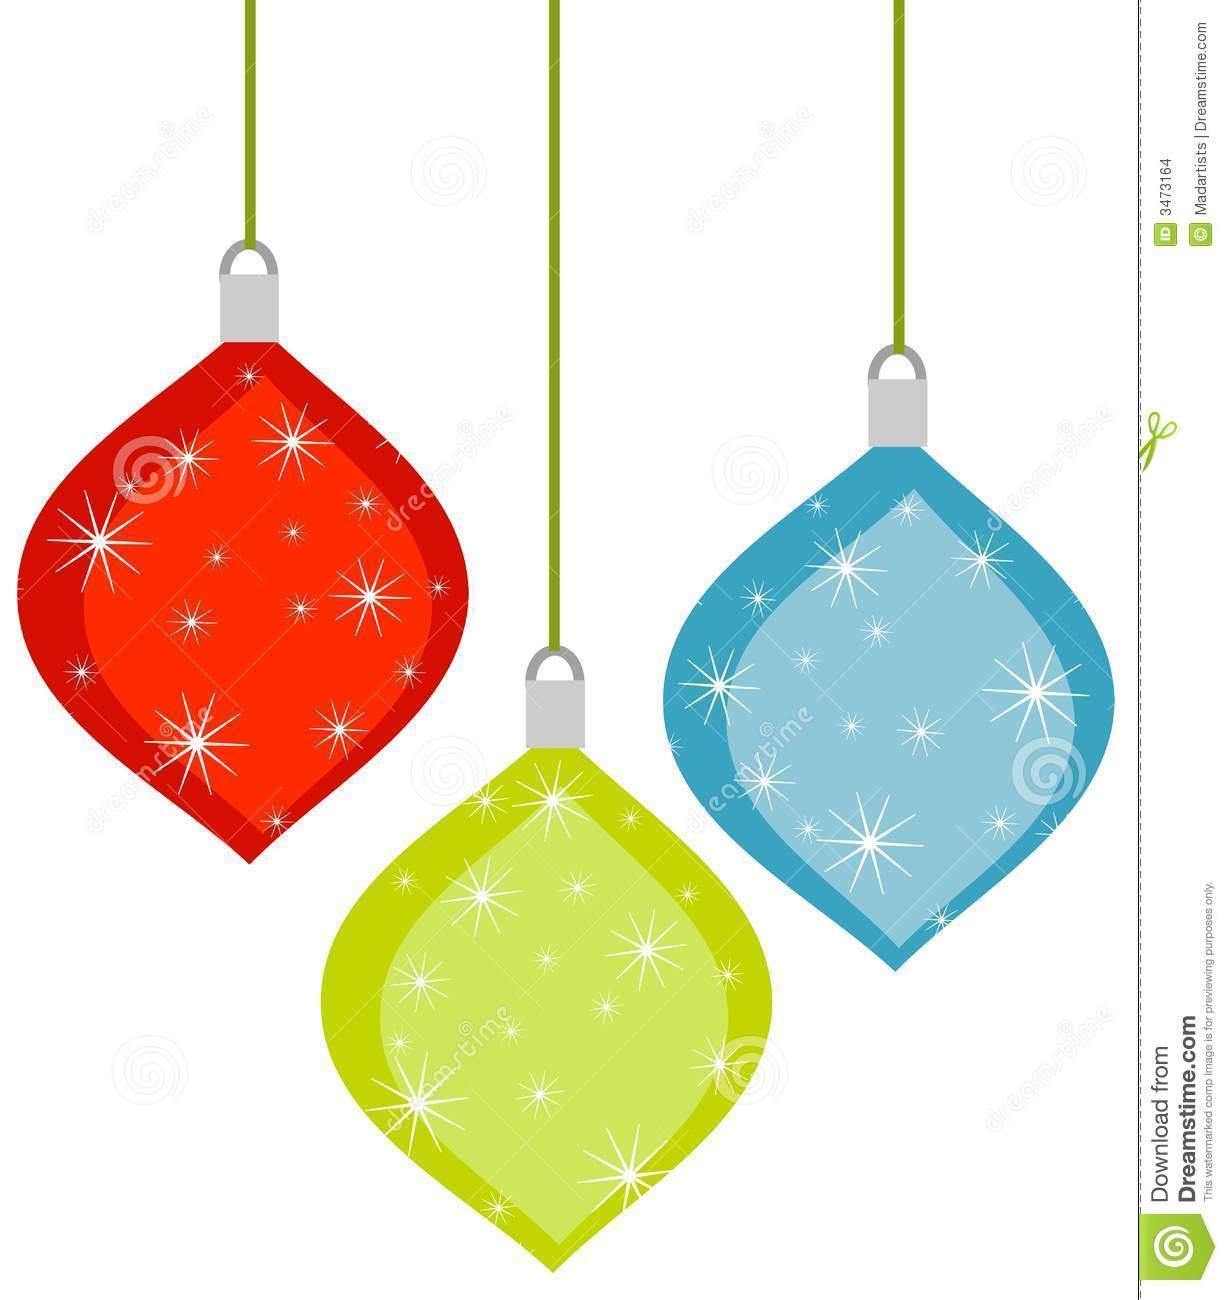 Ornaments clipart free download » Clipart Portal.